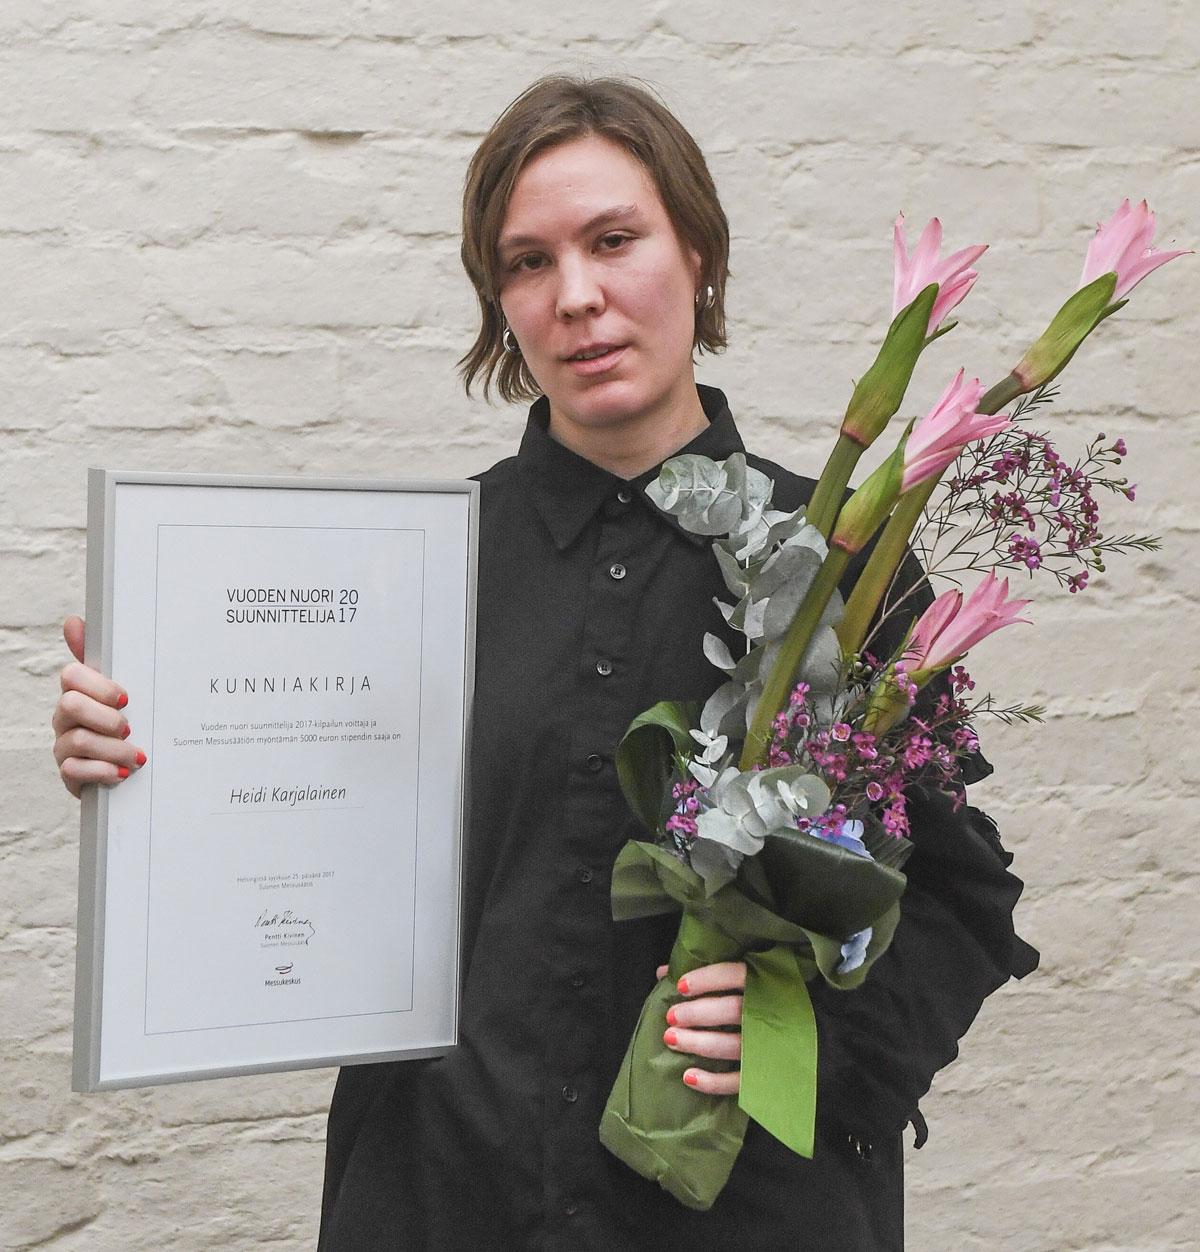 Vuoden nuori suunnittelija on Heidi Karjalainen